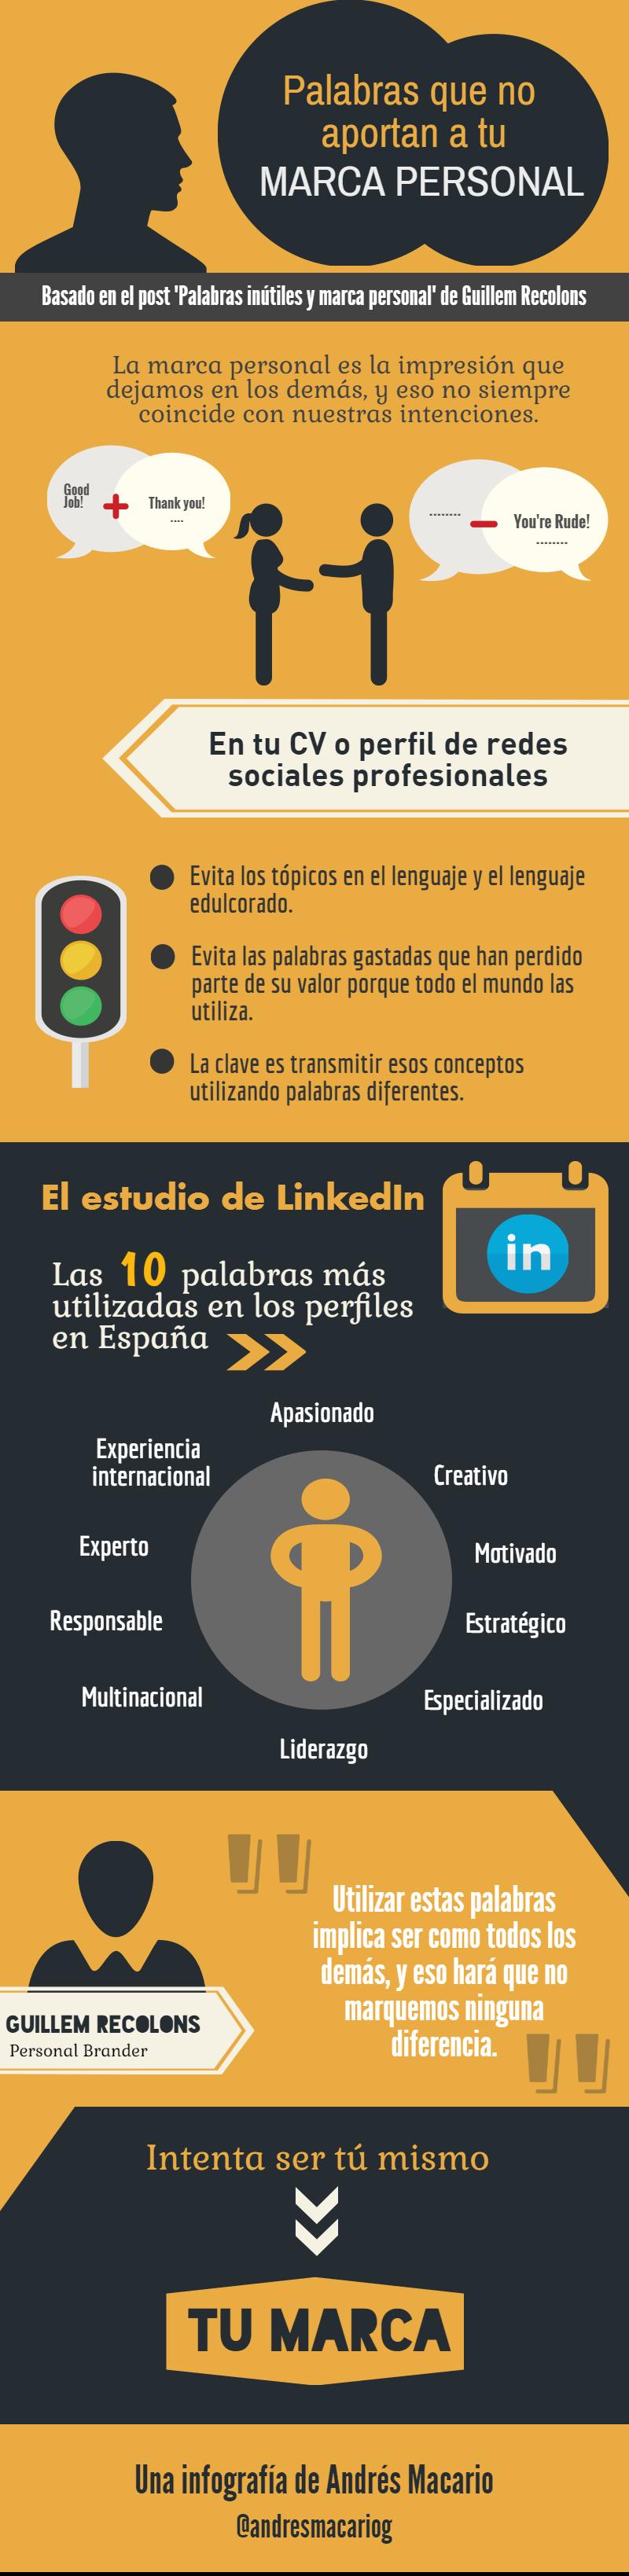 Palabras que no aportan a tu marca personal - Infografia Andres Macario.png